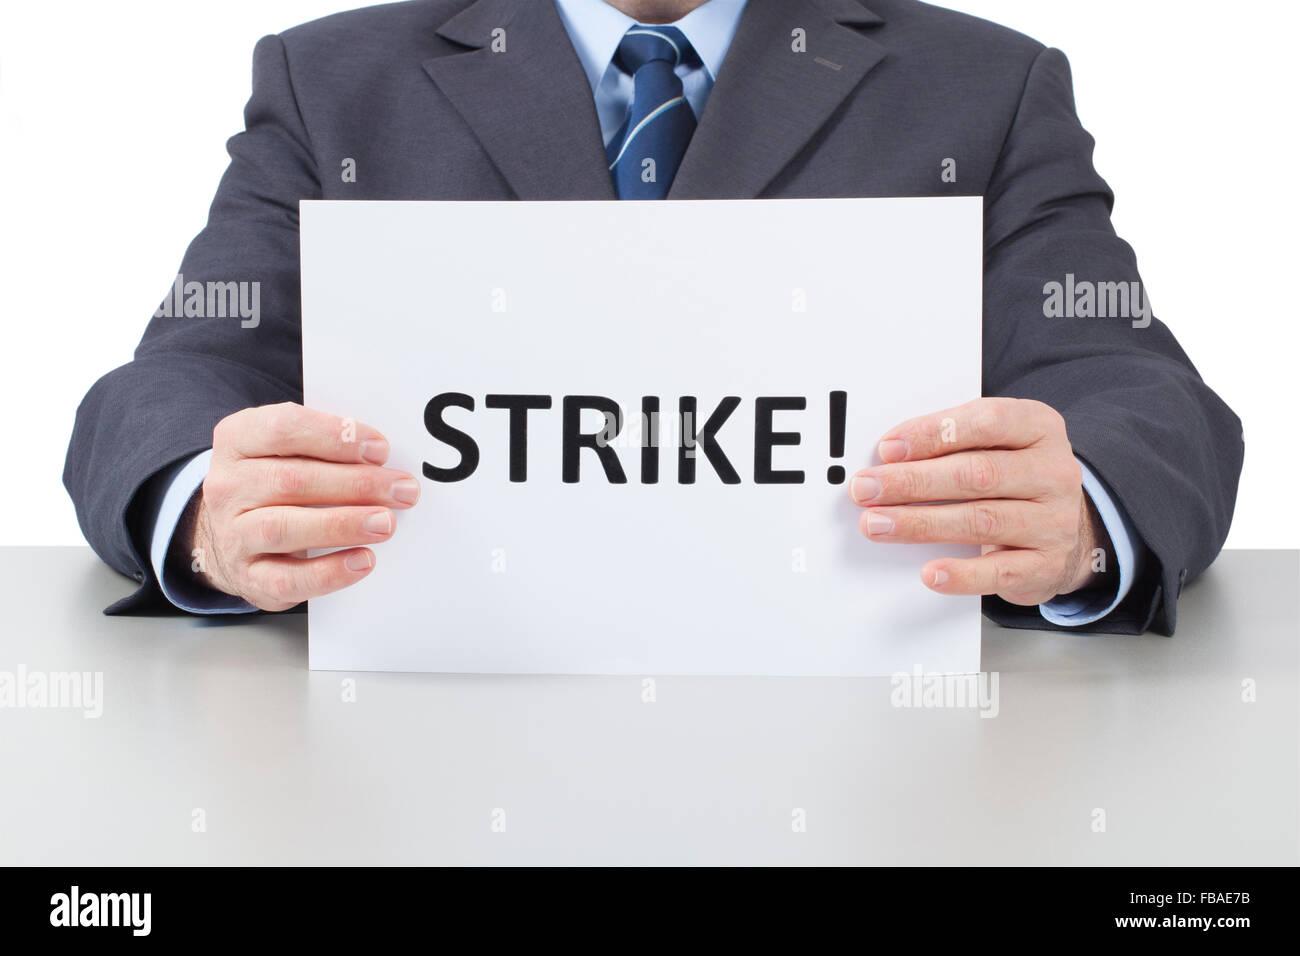 Uomo seduto dietro un tavolo per ufficio e trattiene un foglio bianco con testo sciopero nelle sue mani. Immagini Stock